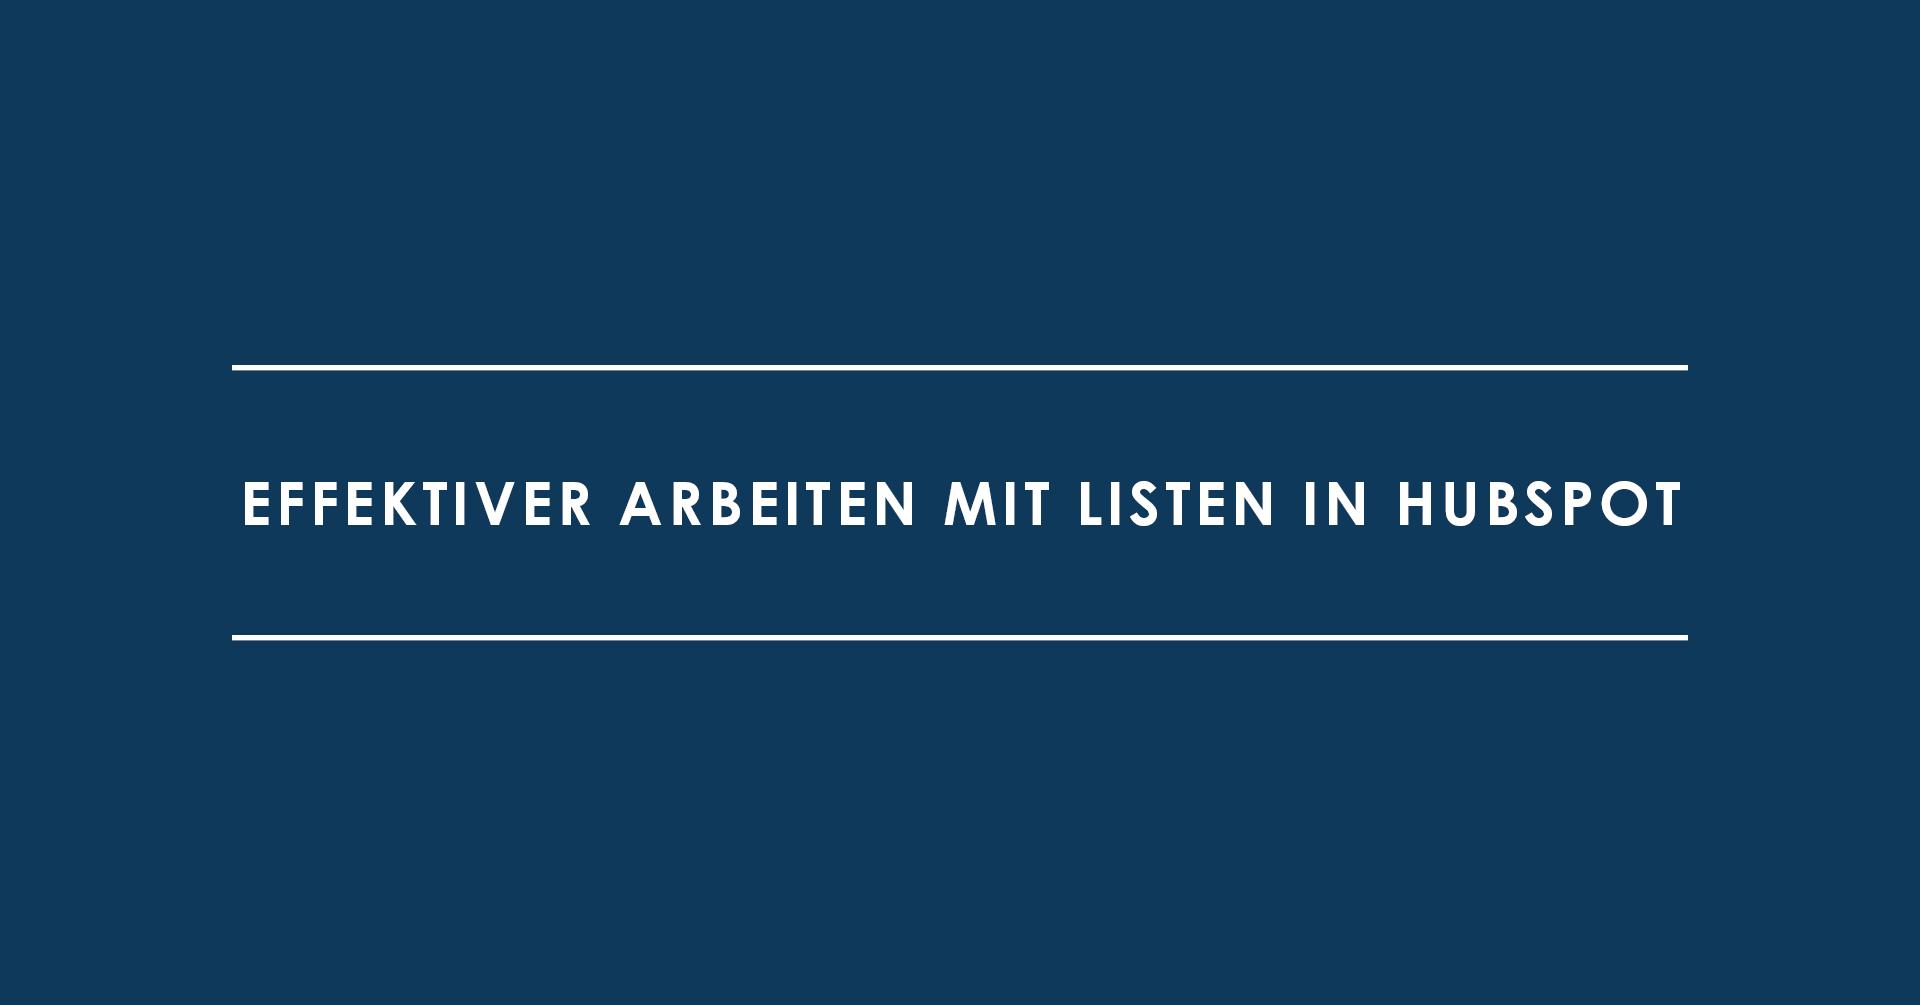 Effektiver Arbeiten mit Listen in HubSpot